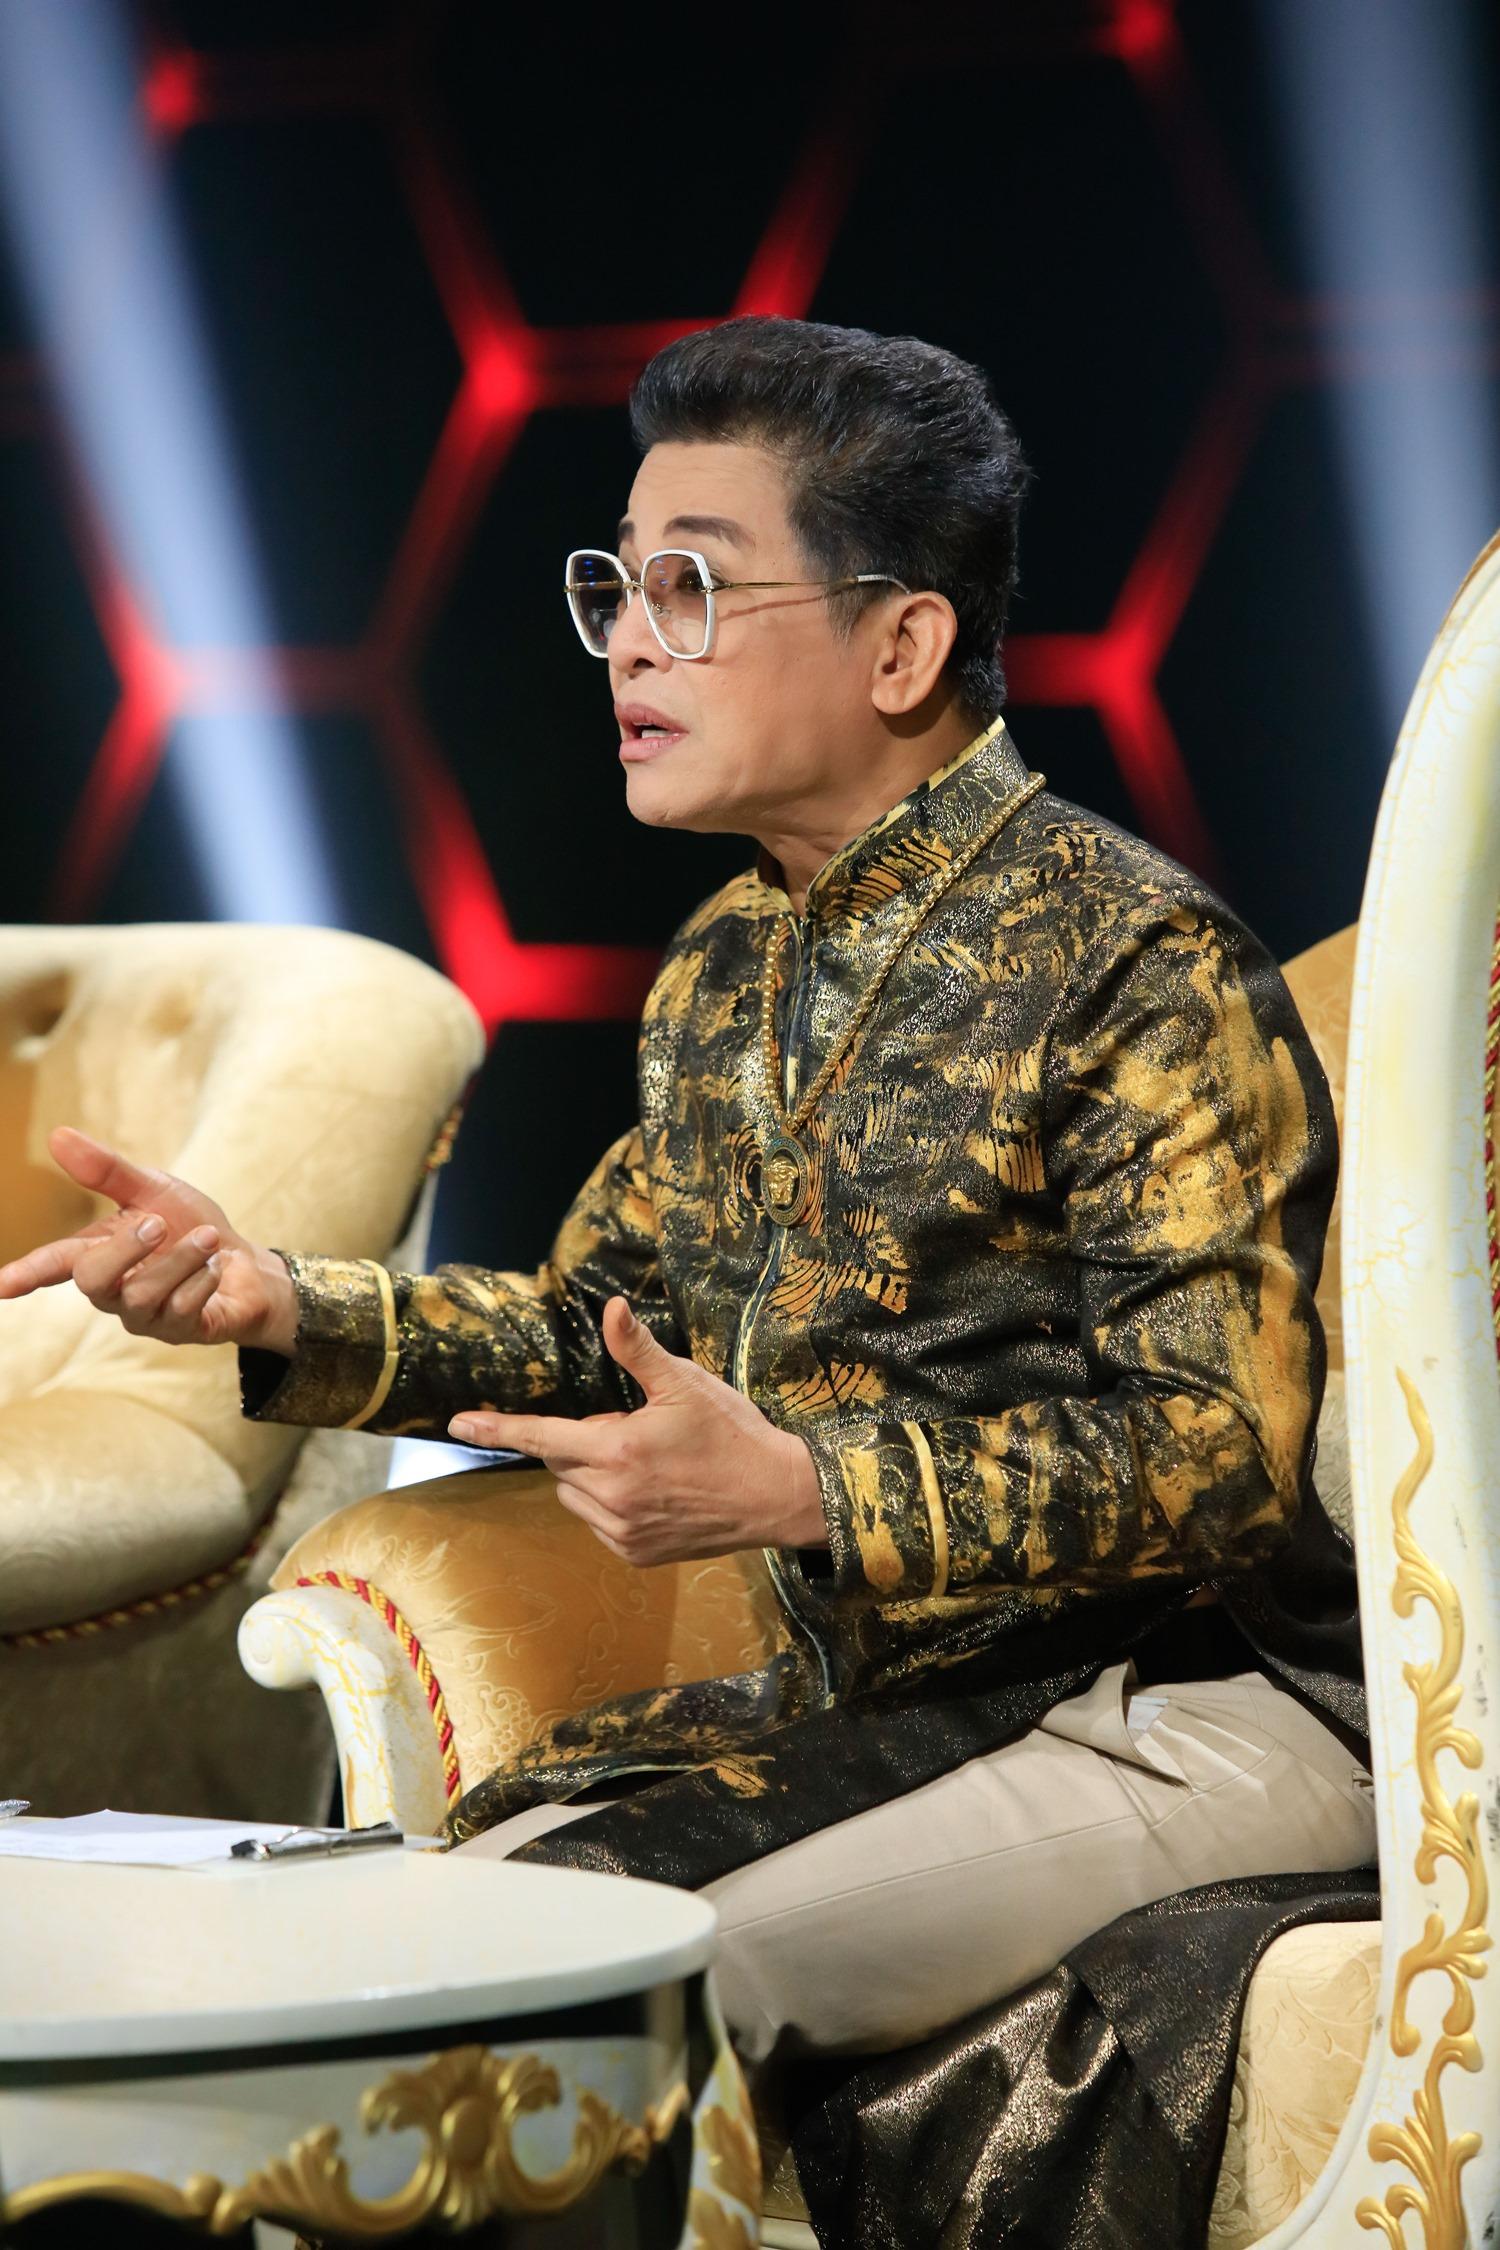 """Việt Hương """"đá xéo"""" vì MC Thanh Bạch """"ăn gian"""" trên sóng truyền hình - 2"""